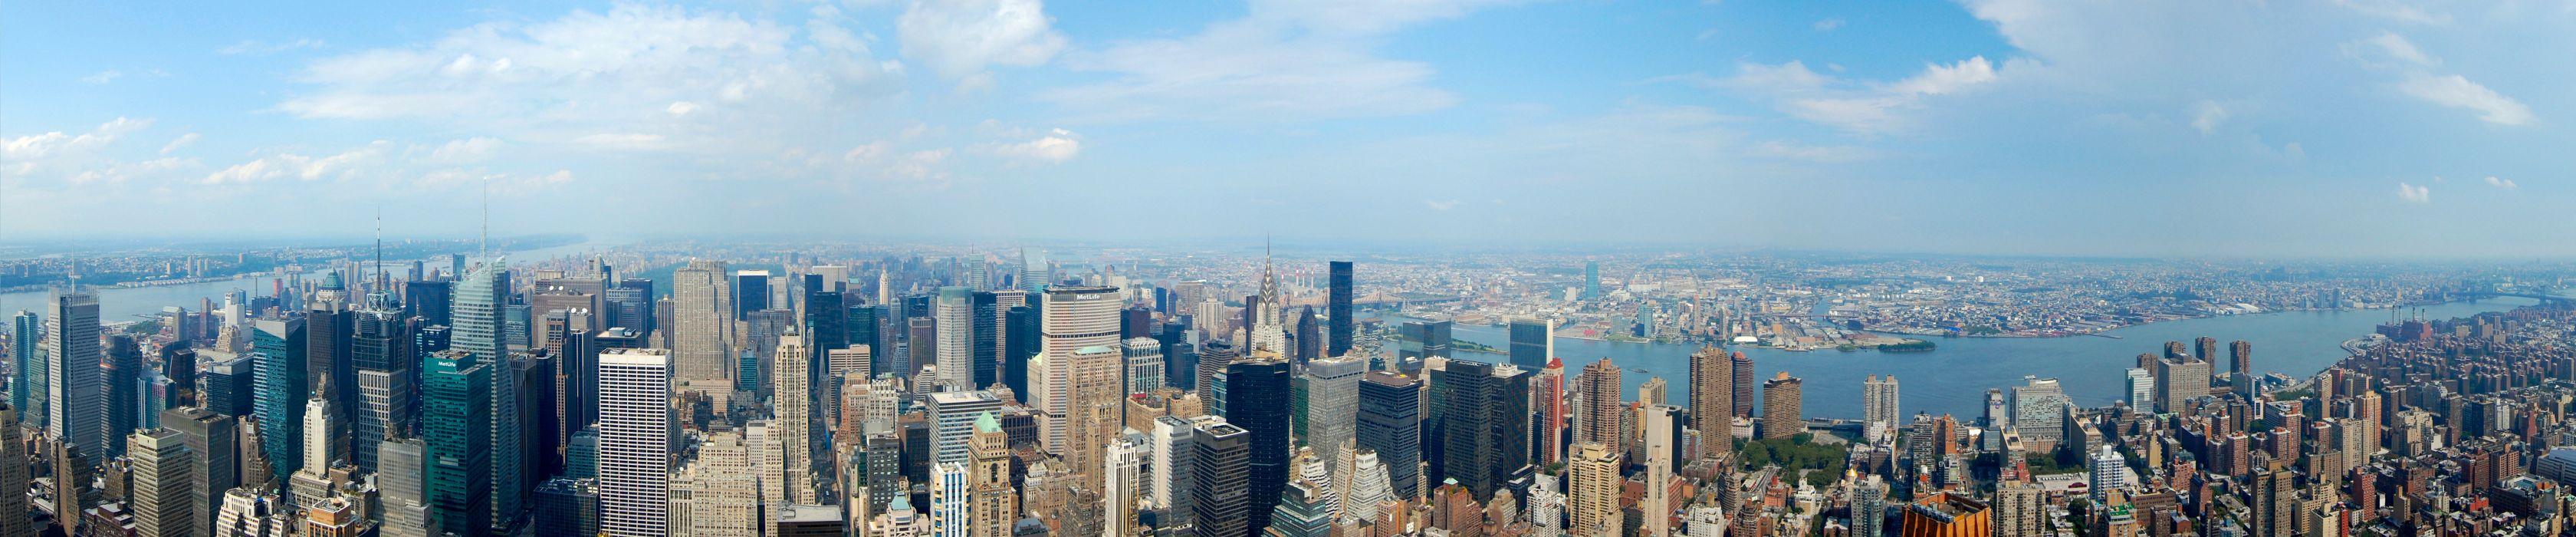 New York Manhattan  t wallpaper